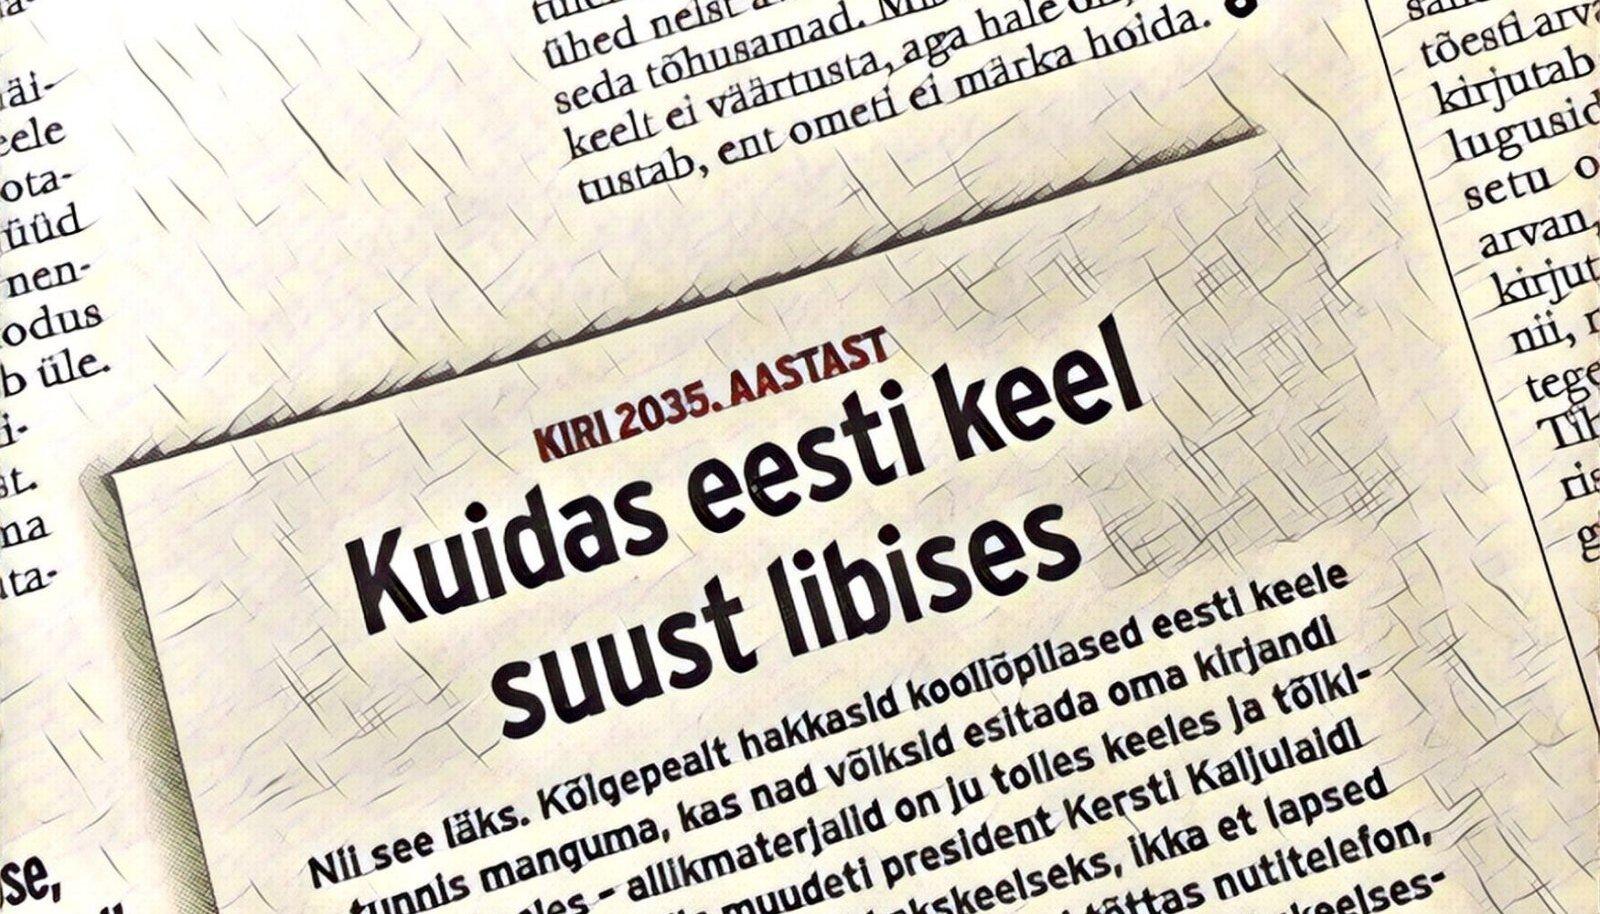 d07c0277384 KIRI TULEVIKUST | Rein Taagepera: kuidas eesti keel meil suust libises